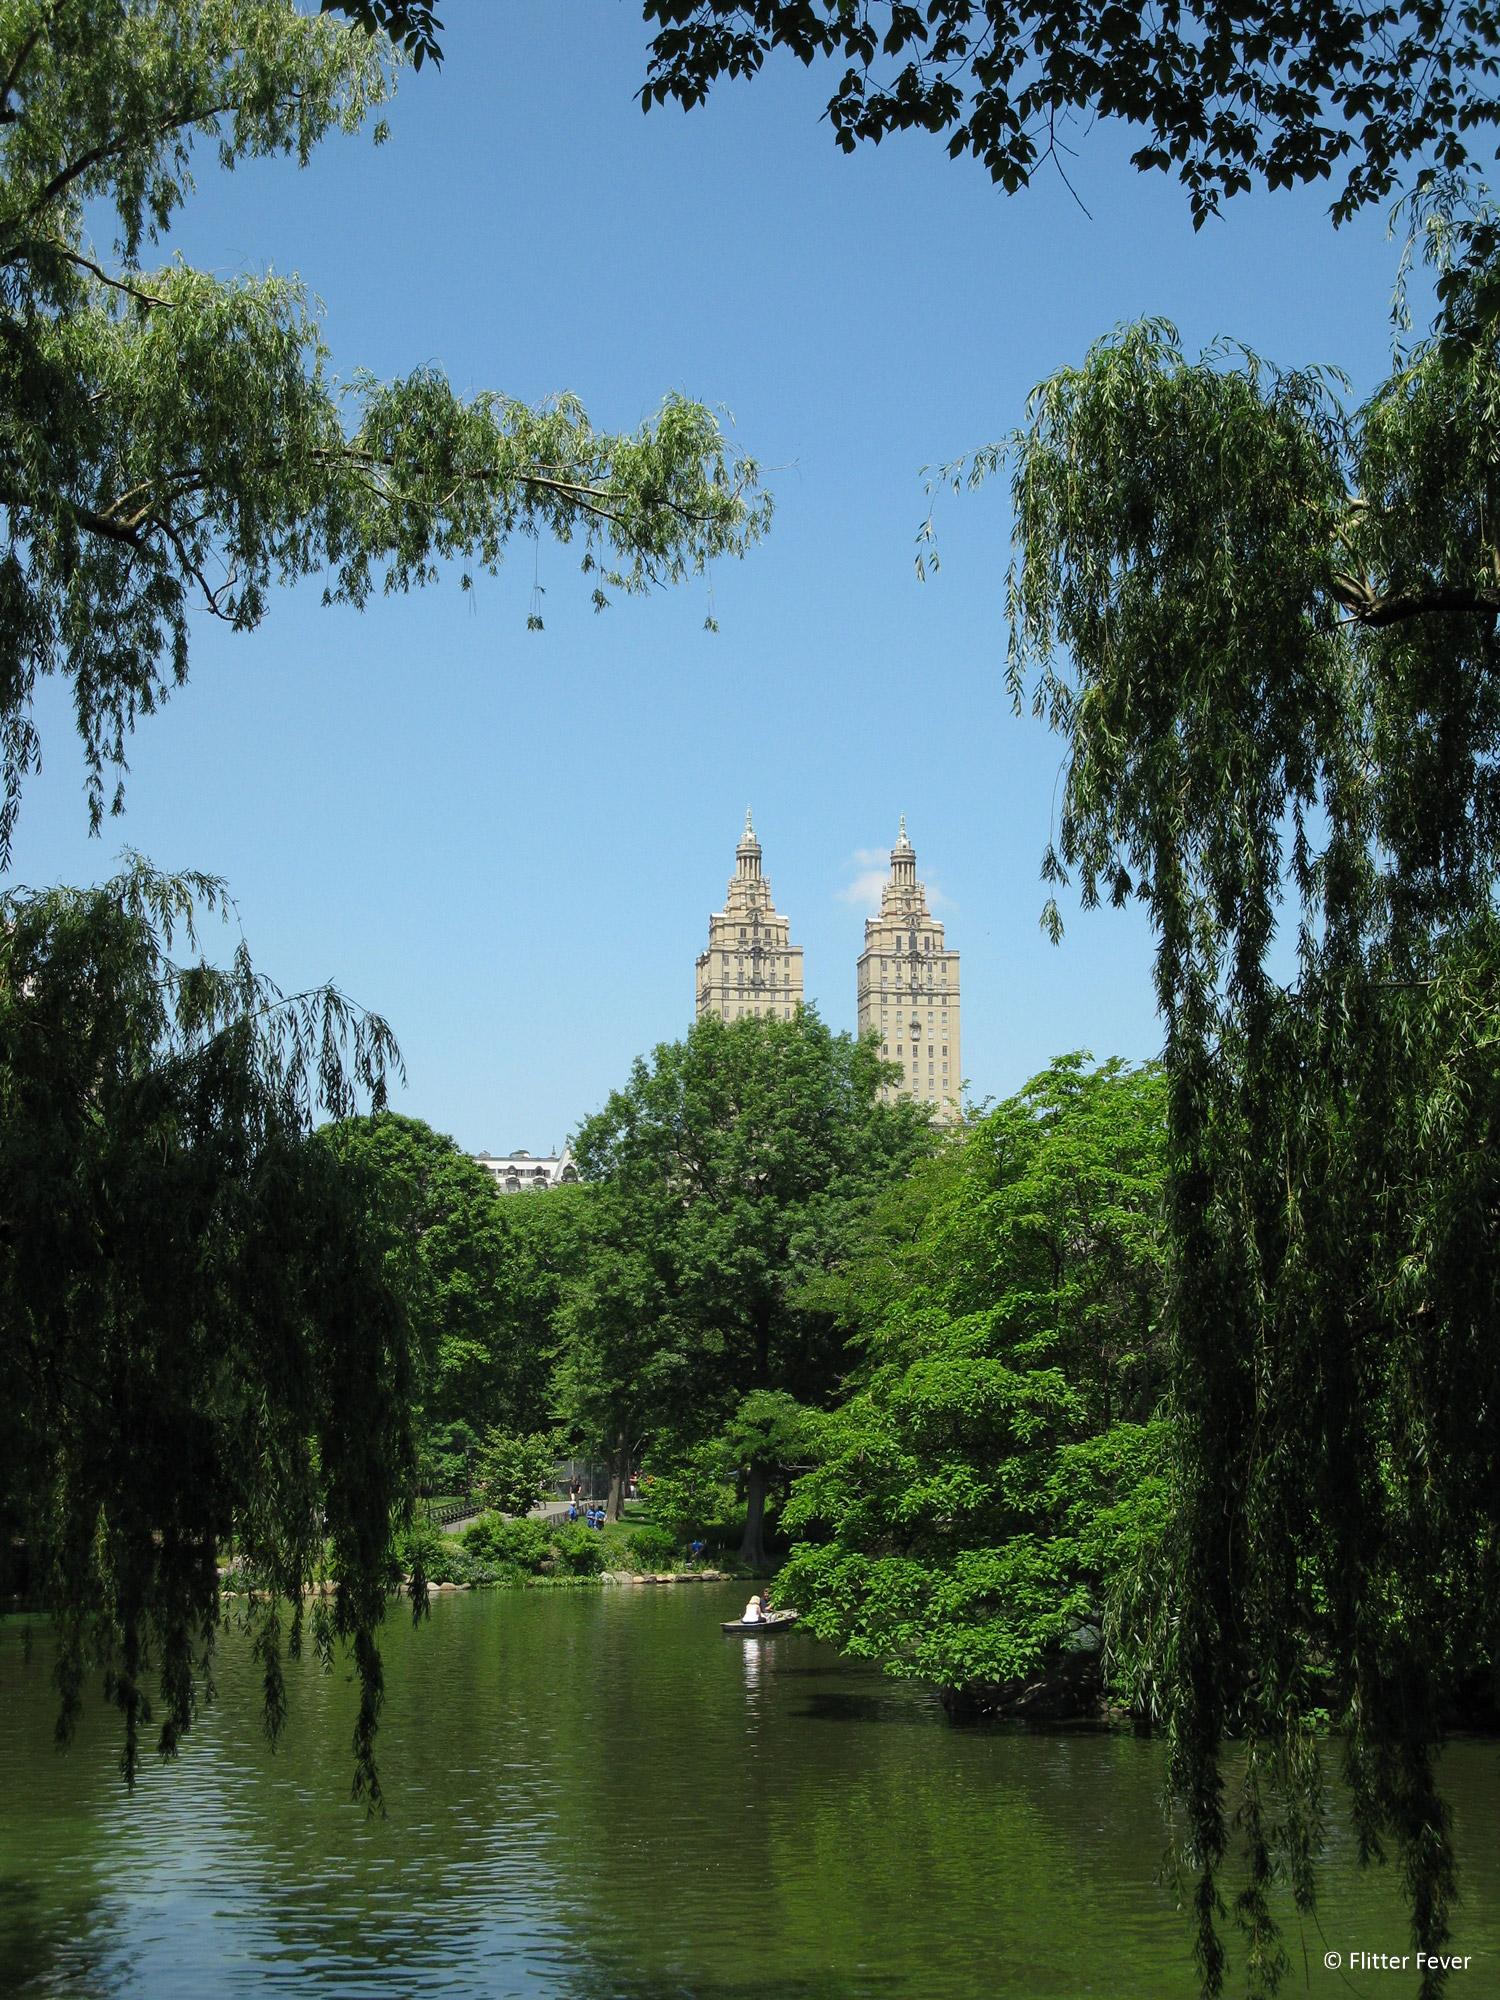 Flitter Fever - Central Park in New York